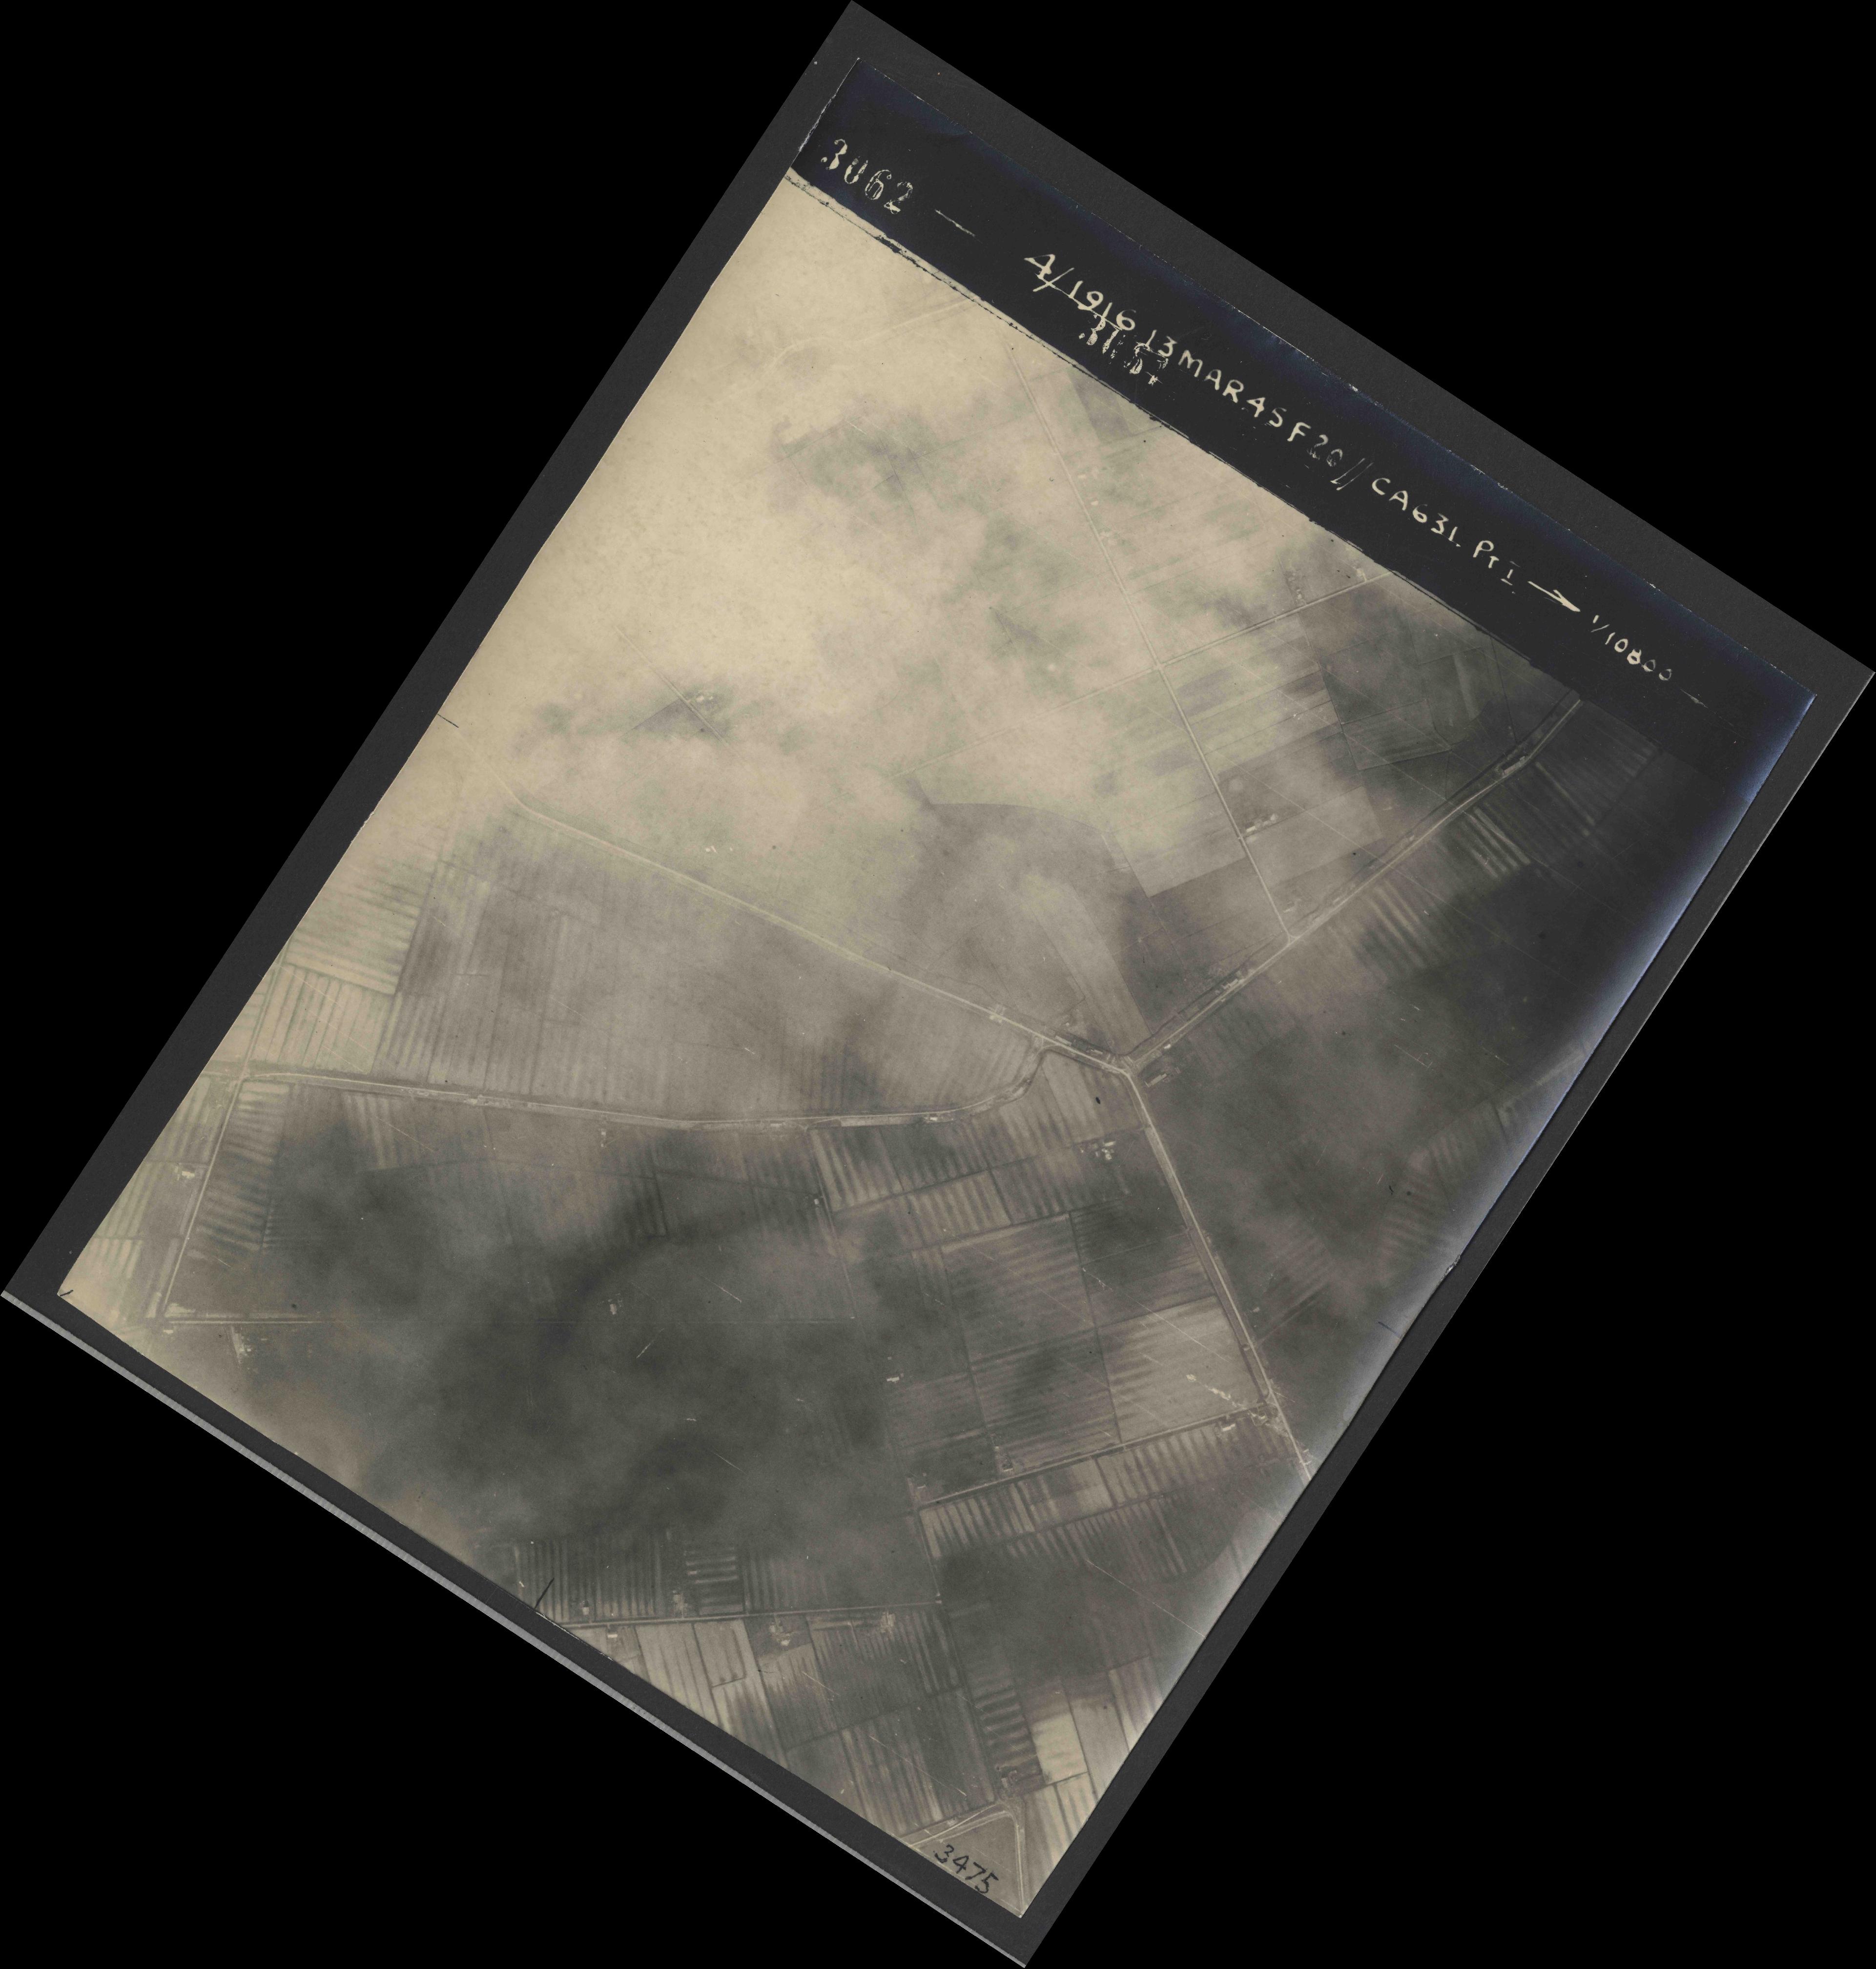 Collection RAF aerial photos 1940-1945 - flight 085, run 01, photo 3062